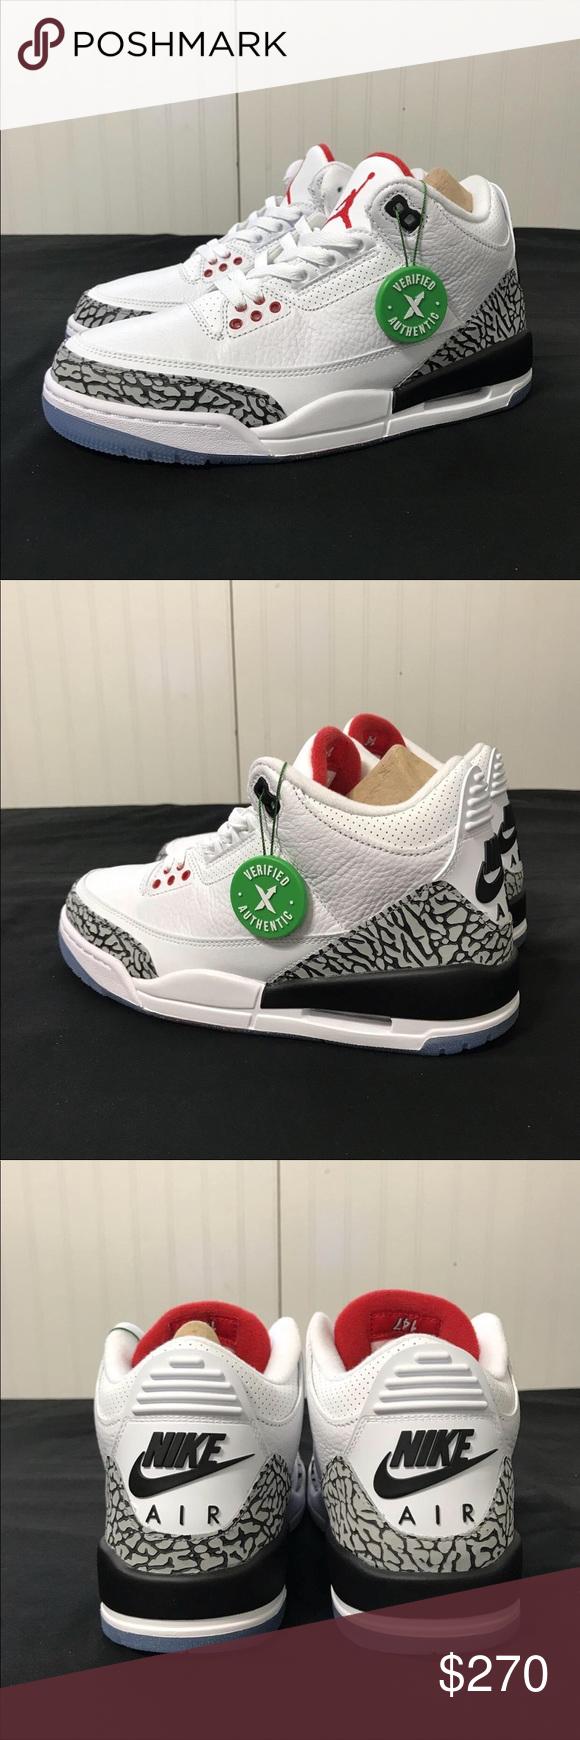 """reputable site 06d45 fa6a0 Air Jordan 3 Nike OG """"Free Throw Line"""" StockX StockX ..."""